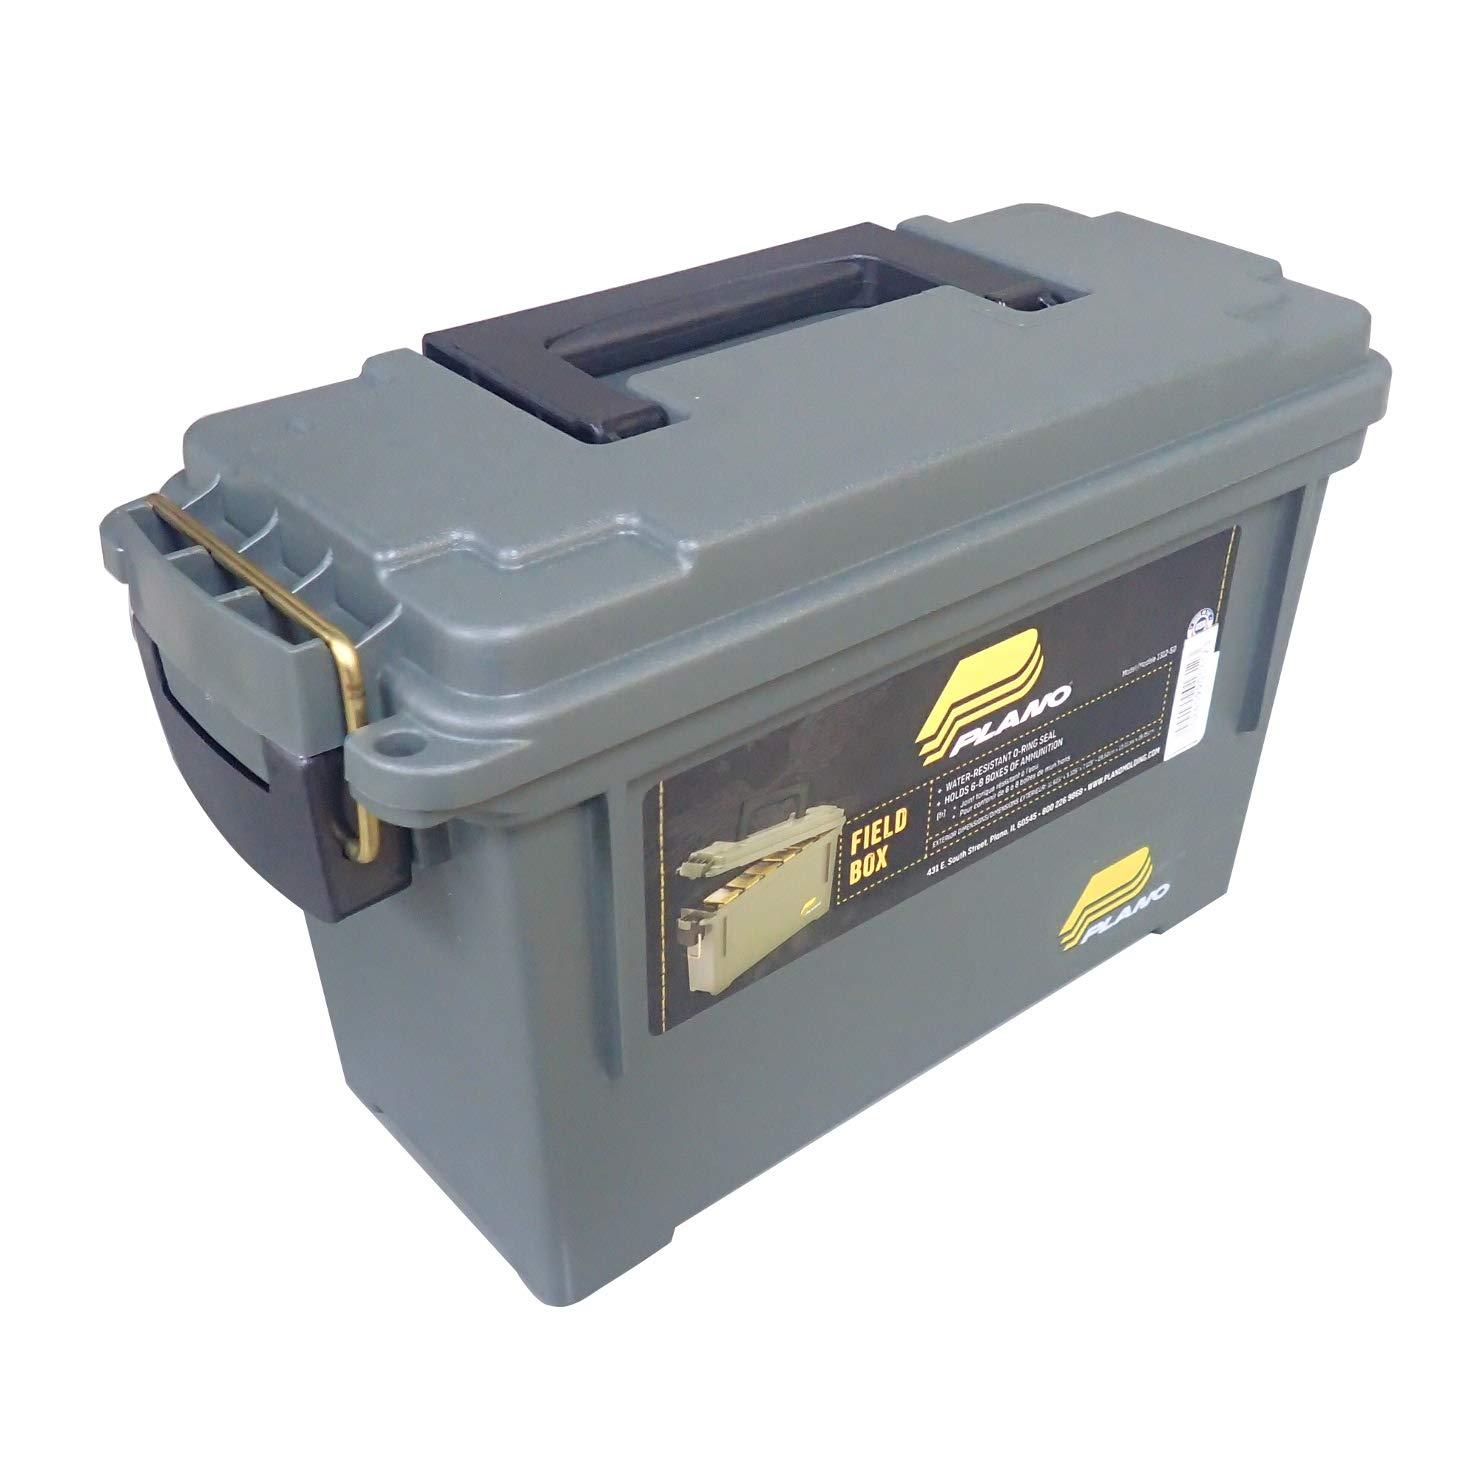 Plano Ammunition Field Box Ammo Storage Green 61o3evw0G2L